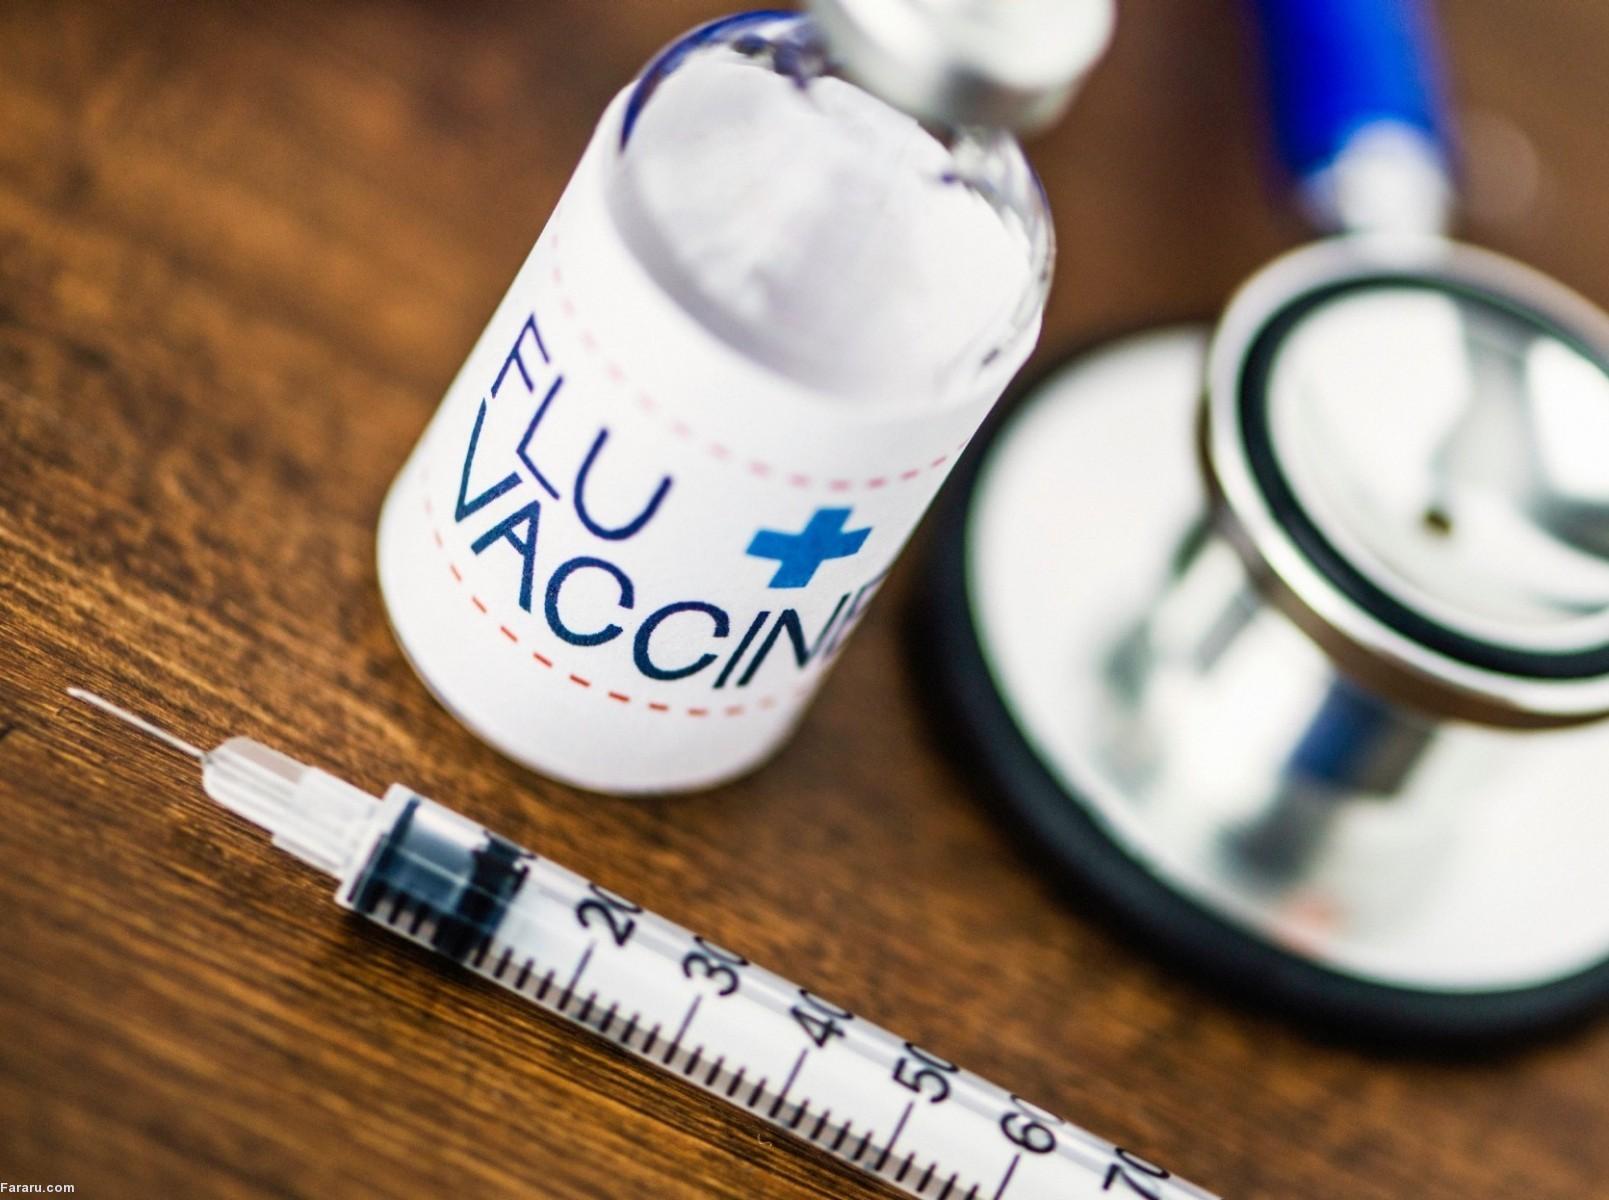 واکسن آنفولانزا؛ فواید، باورهای غلط و بهترین زمان دریافت